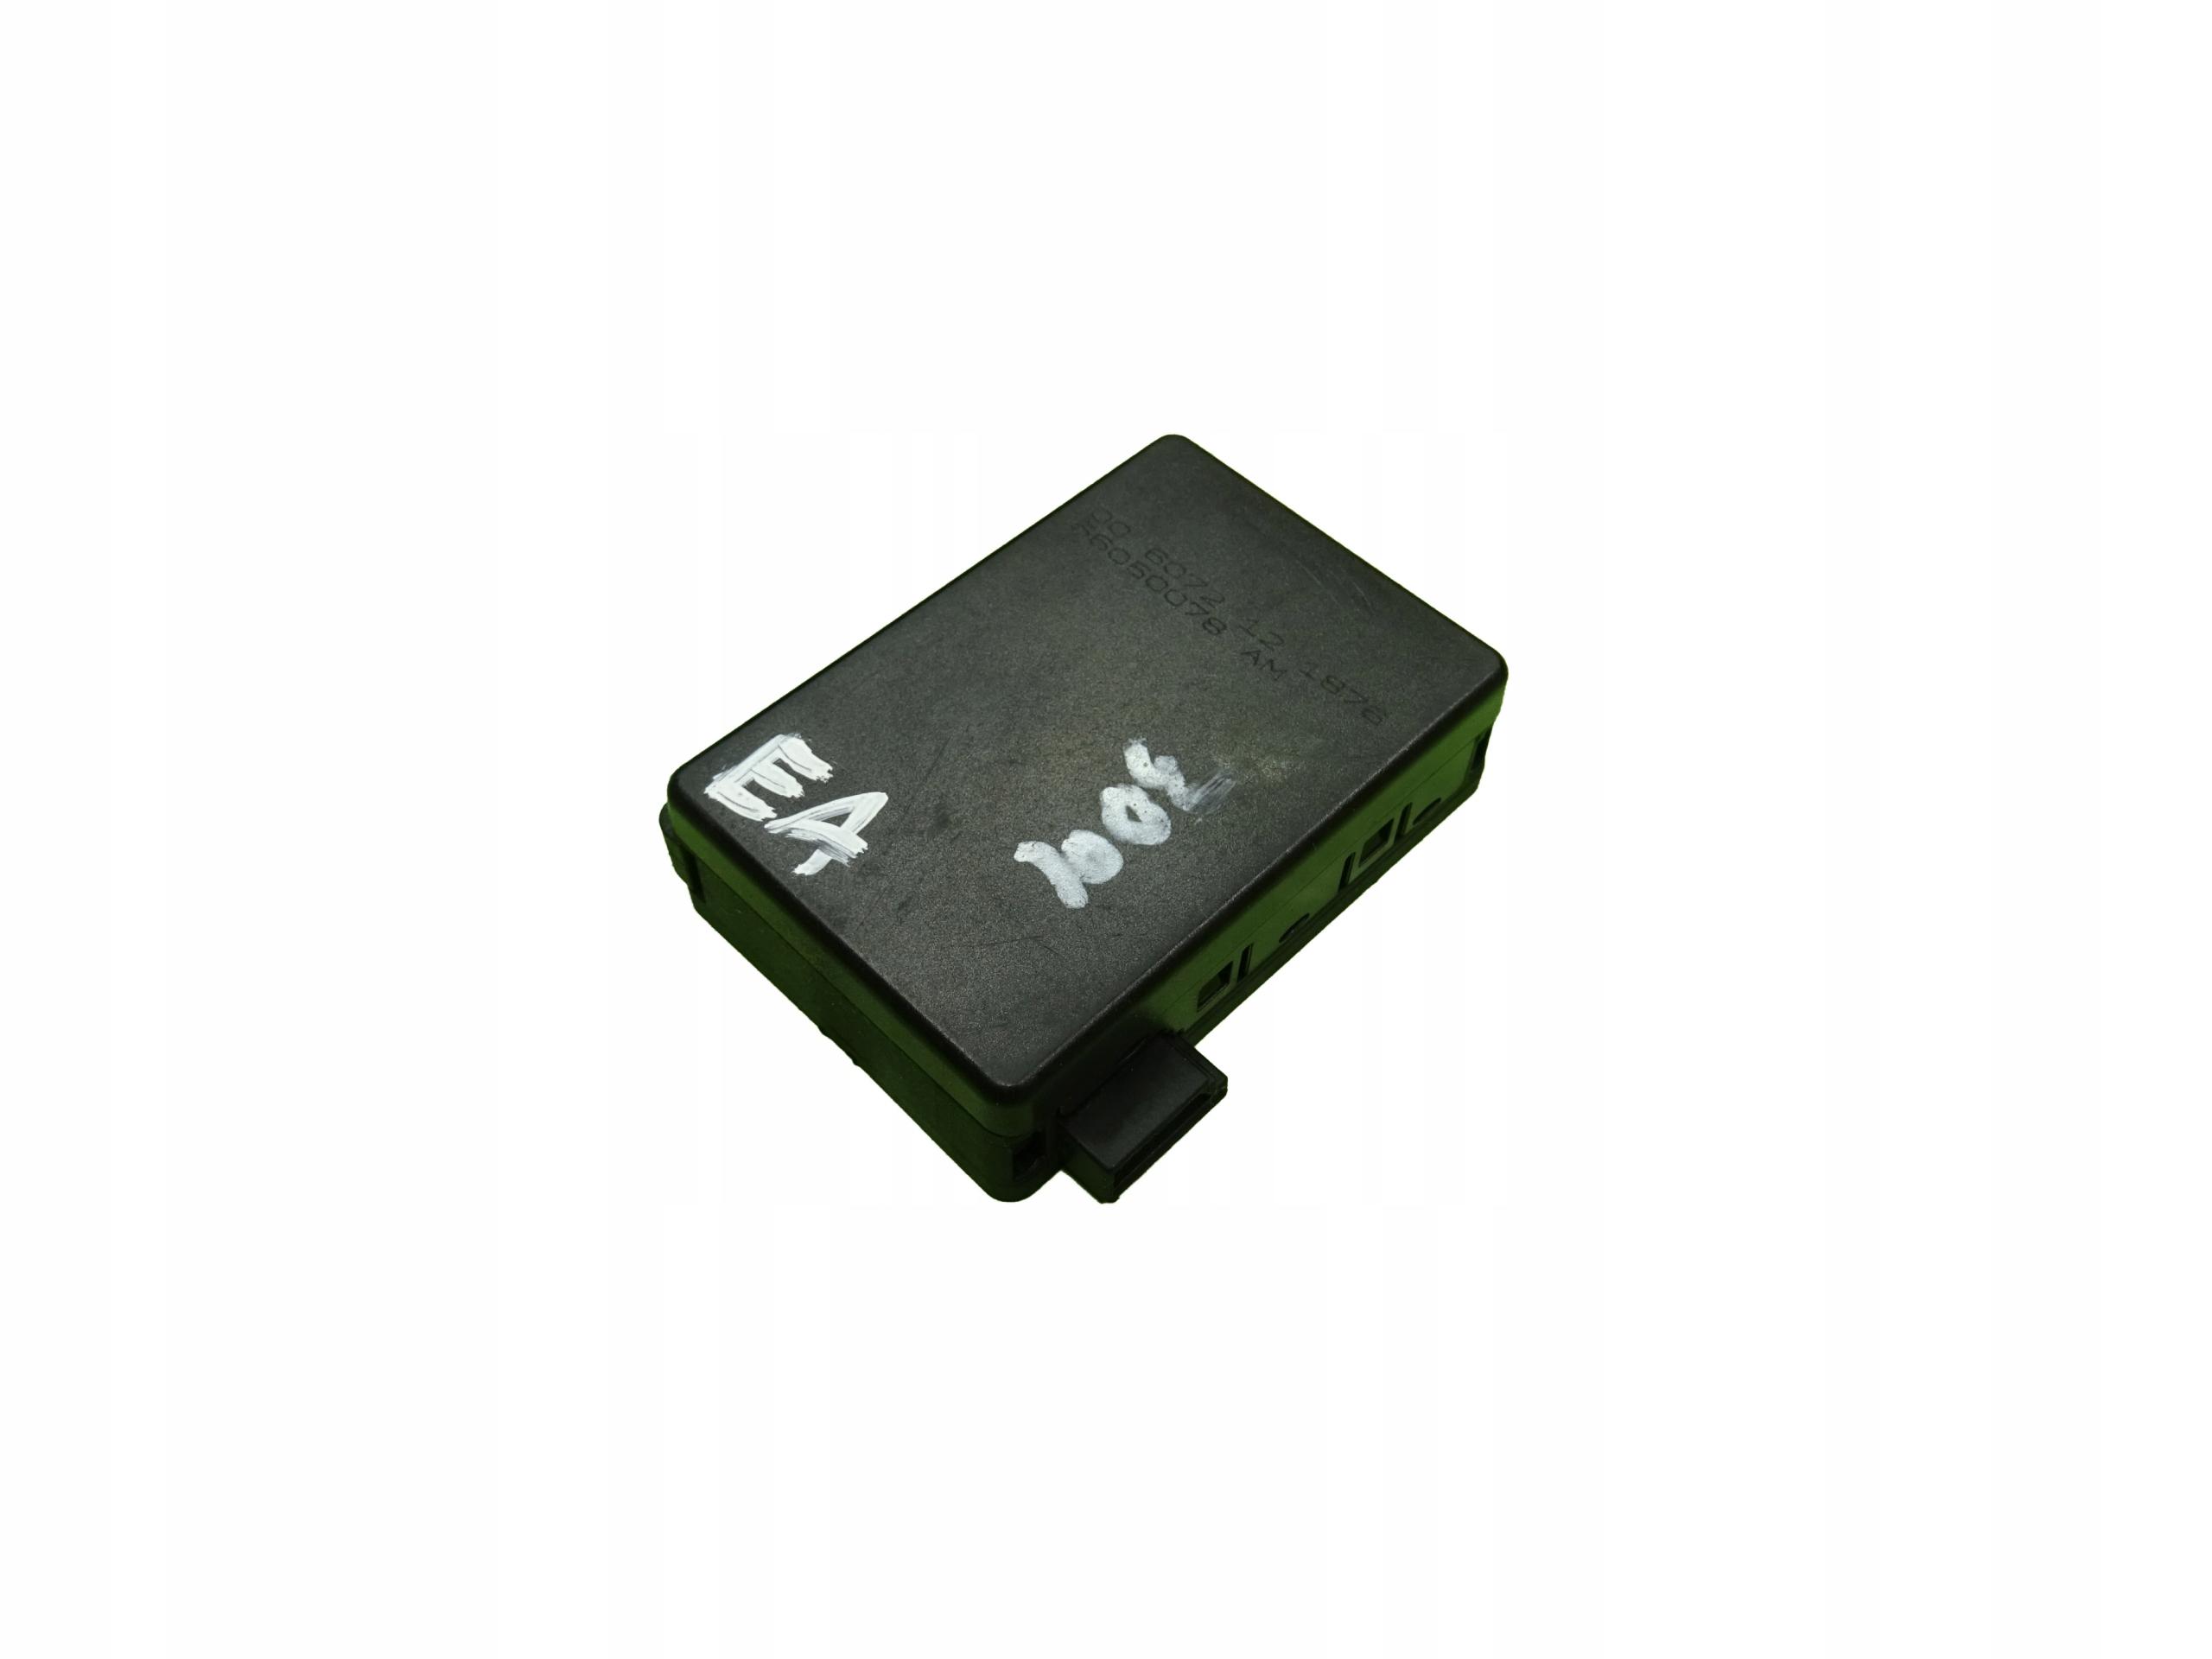 chrysler 300c 04-10 датчик дождь 56050078am